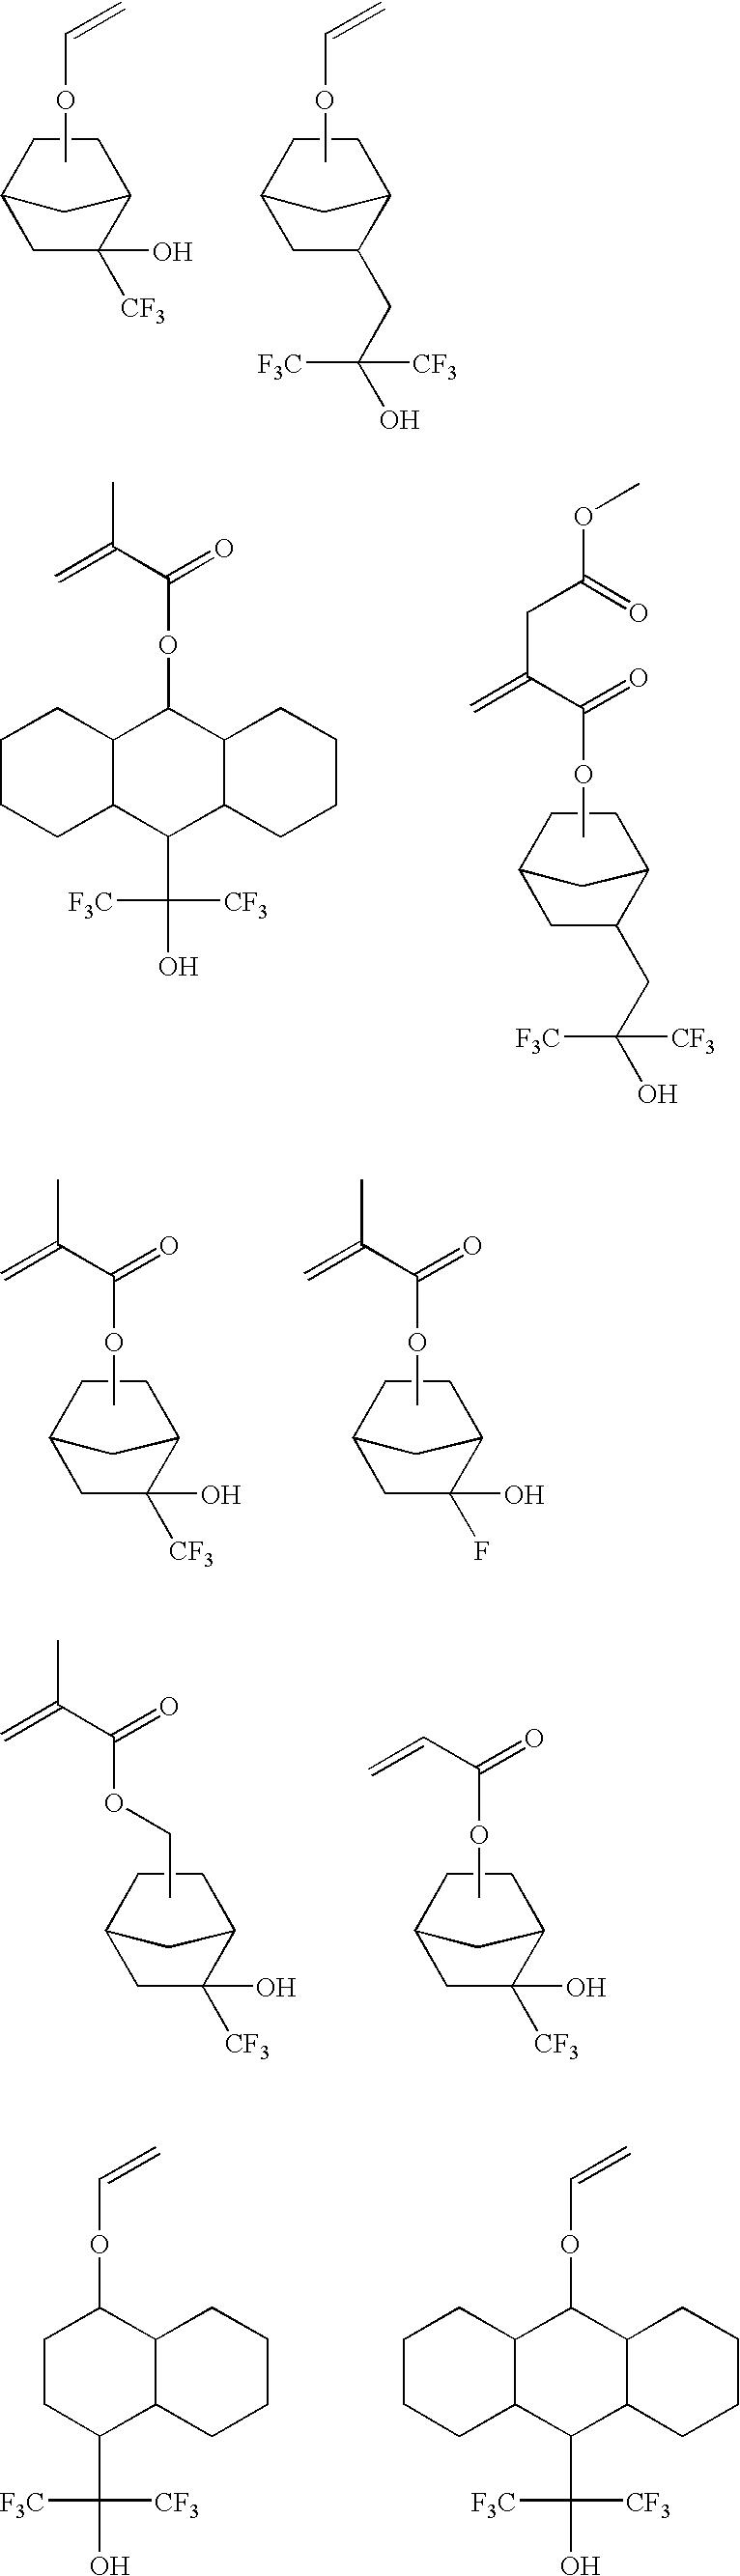 Figure US08129086-20120306-C00023